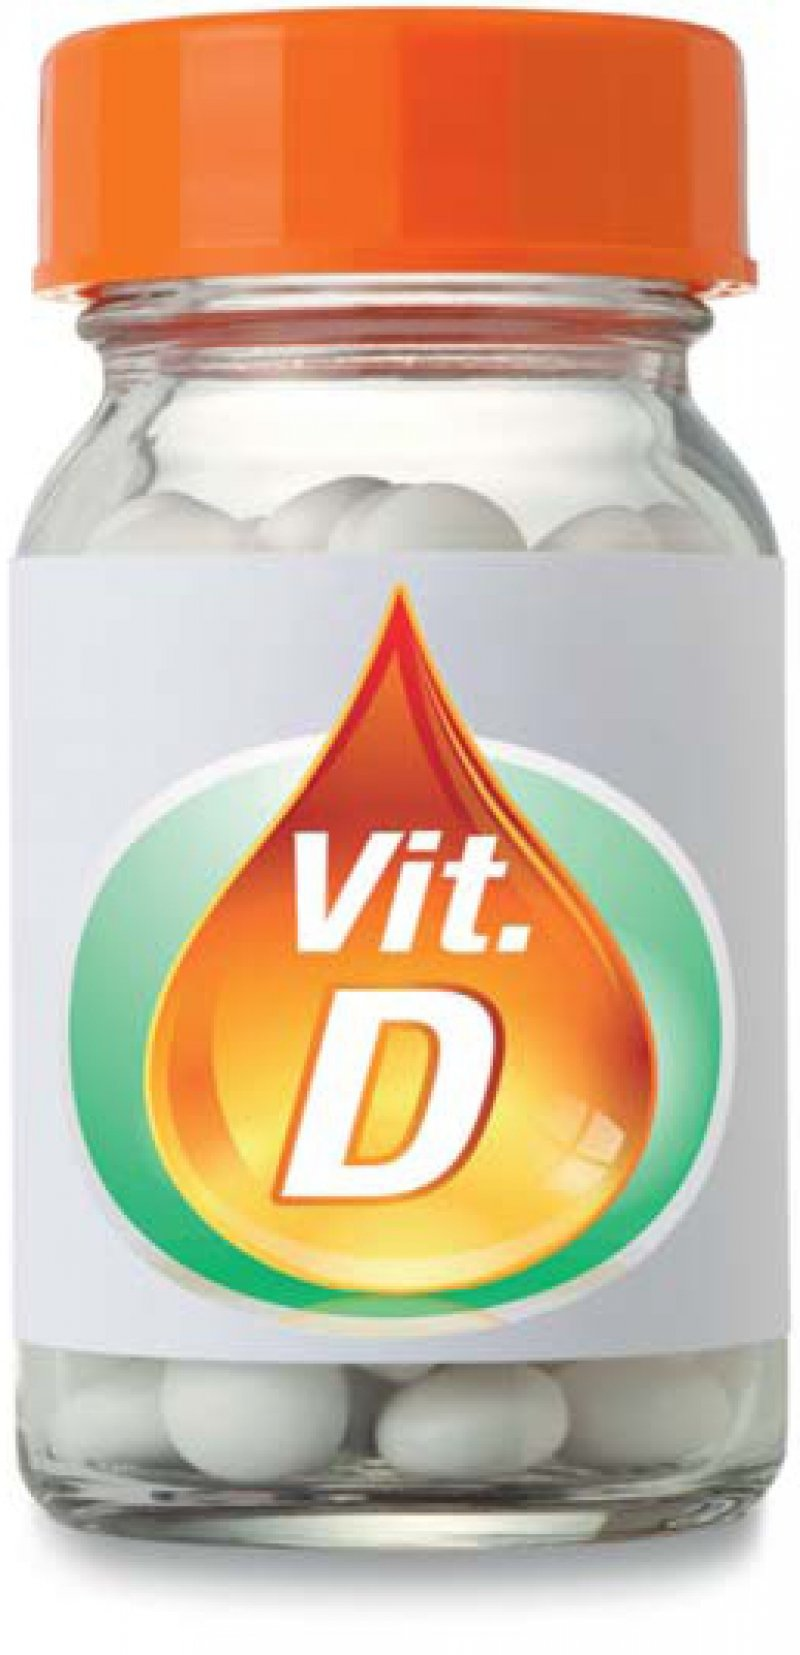 Die Substitution mit Vitamin D (zusammen mit Calcium) gehört evidenzbasiert zur Basistherapie der Osteoporose. Foto: iStockphoto/Fotolia [m]